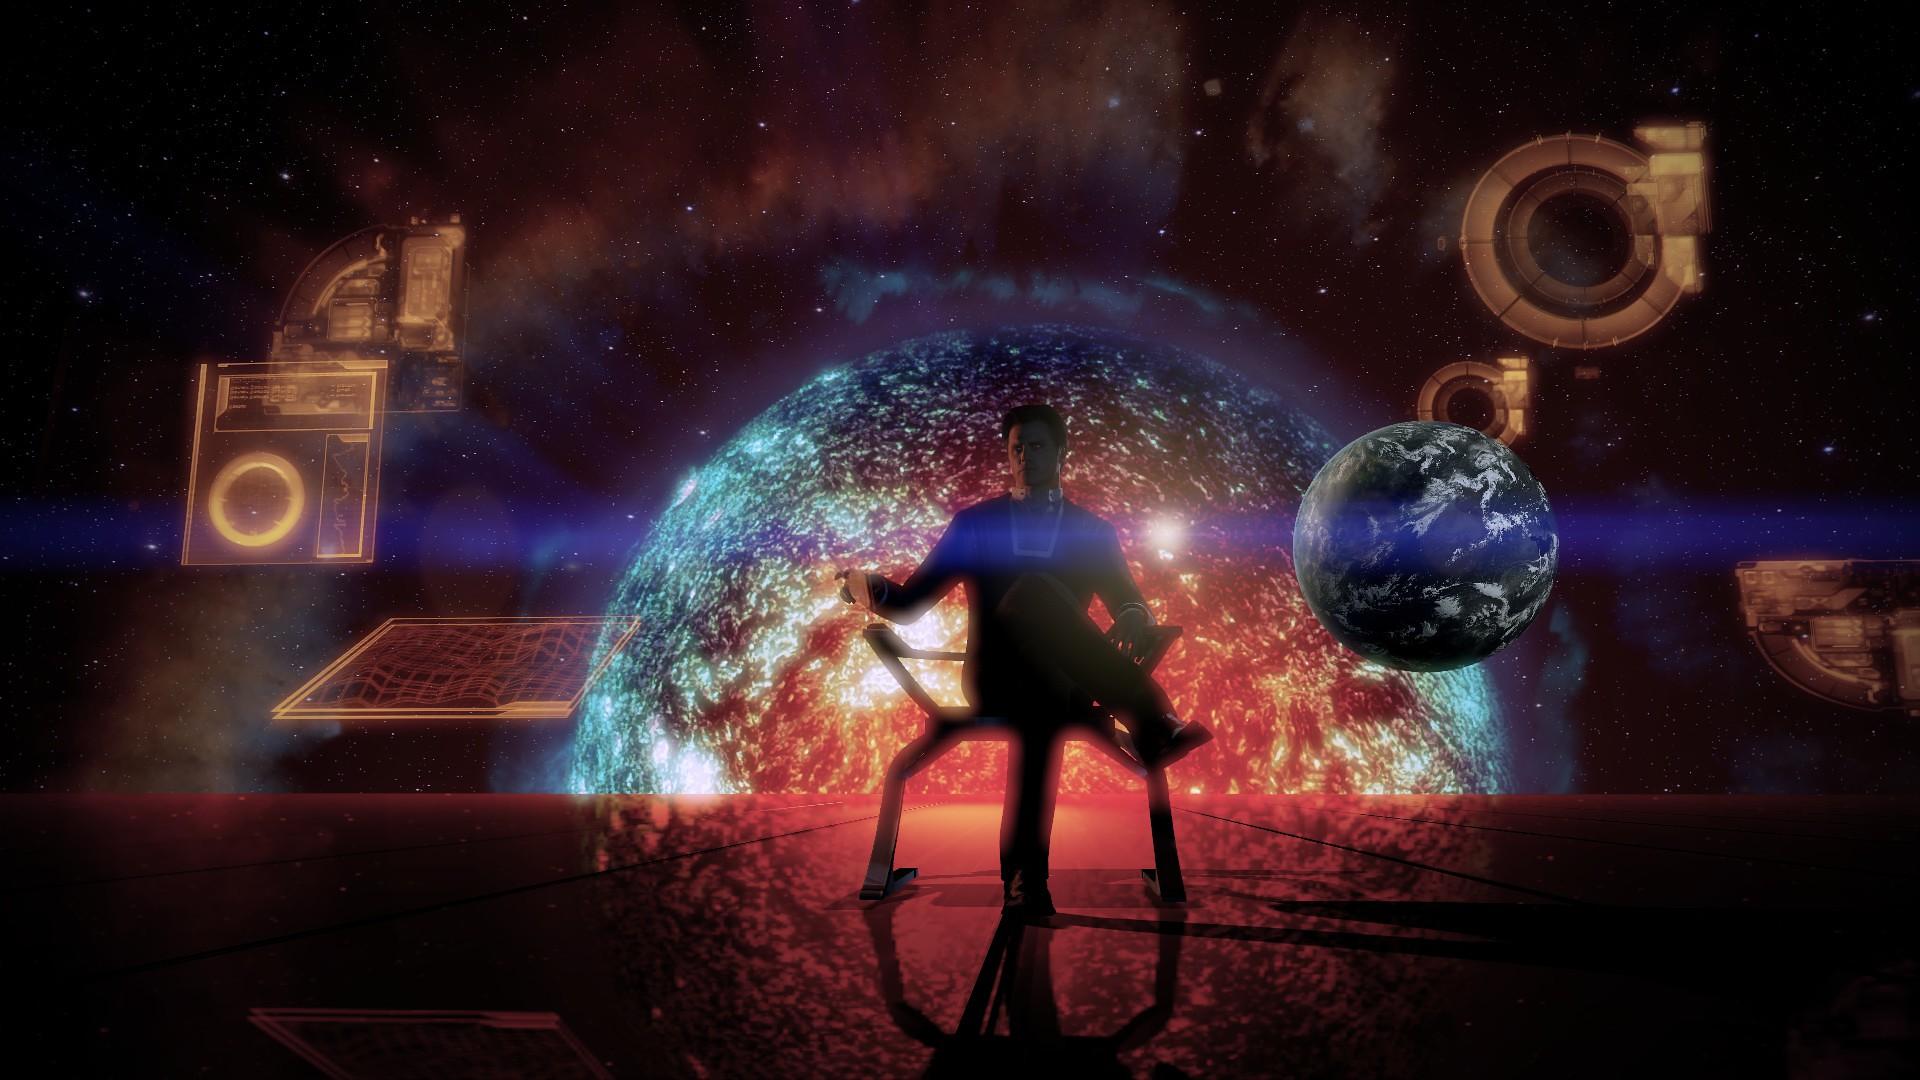 11977824406_3aa5bdba5c_k.jpg - Mass Effect 2